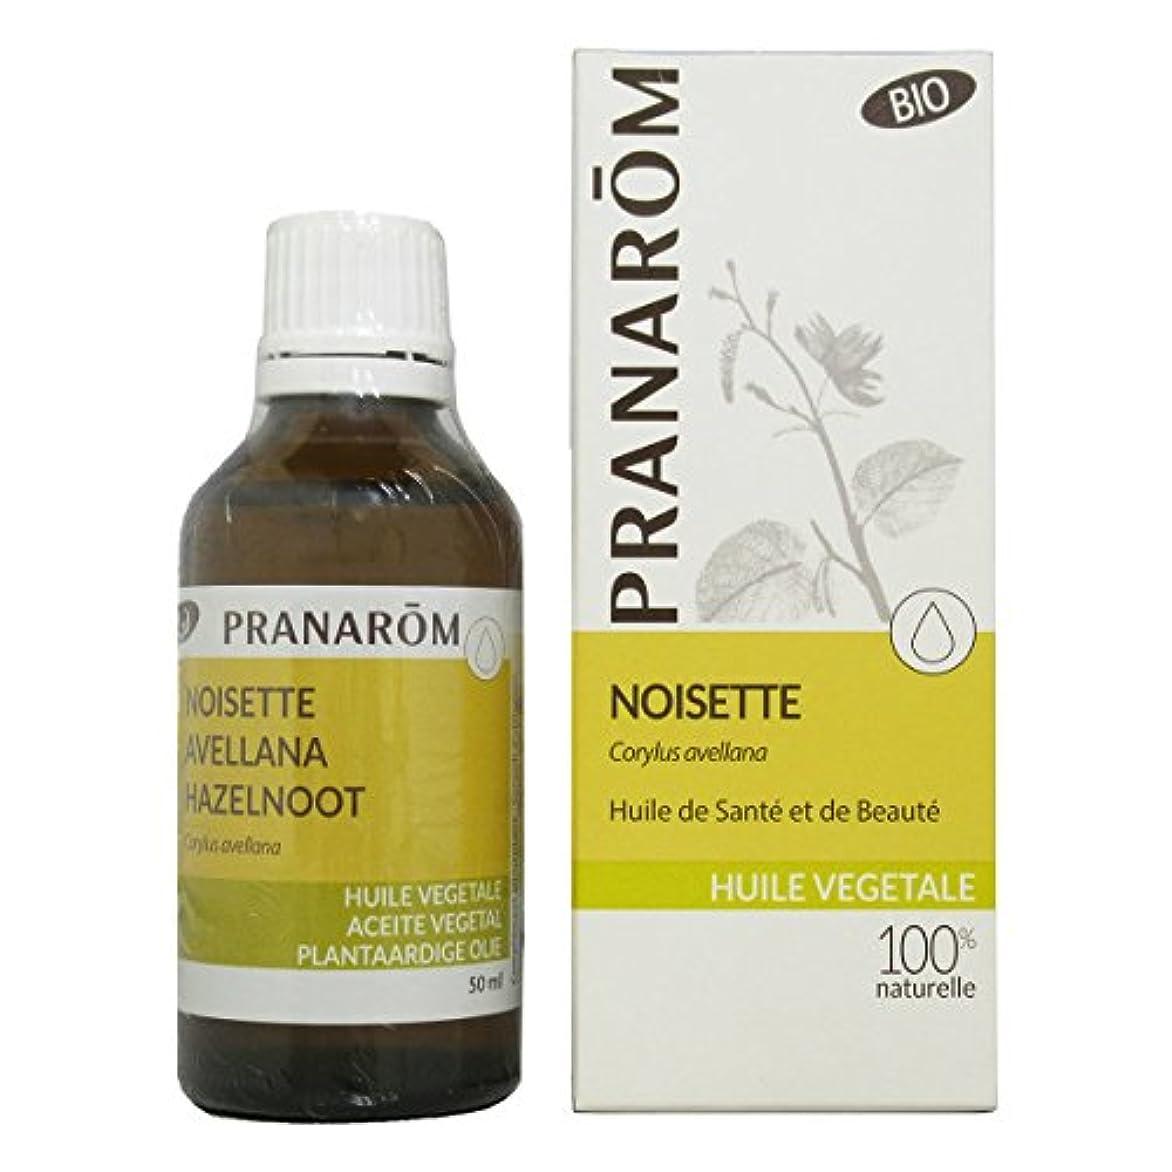 想像力豊かな領事館うがいプラナロム ヘーゼルナッツオイル 50ml (PRANAROM 植物油)